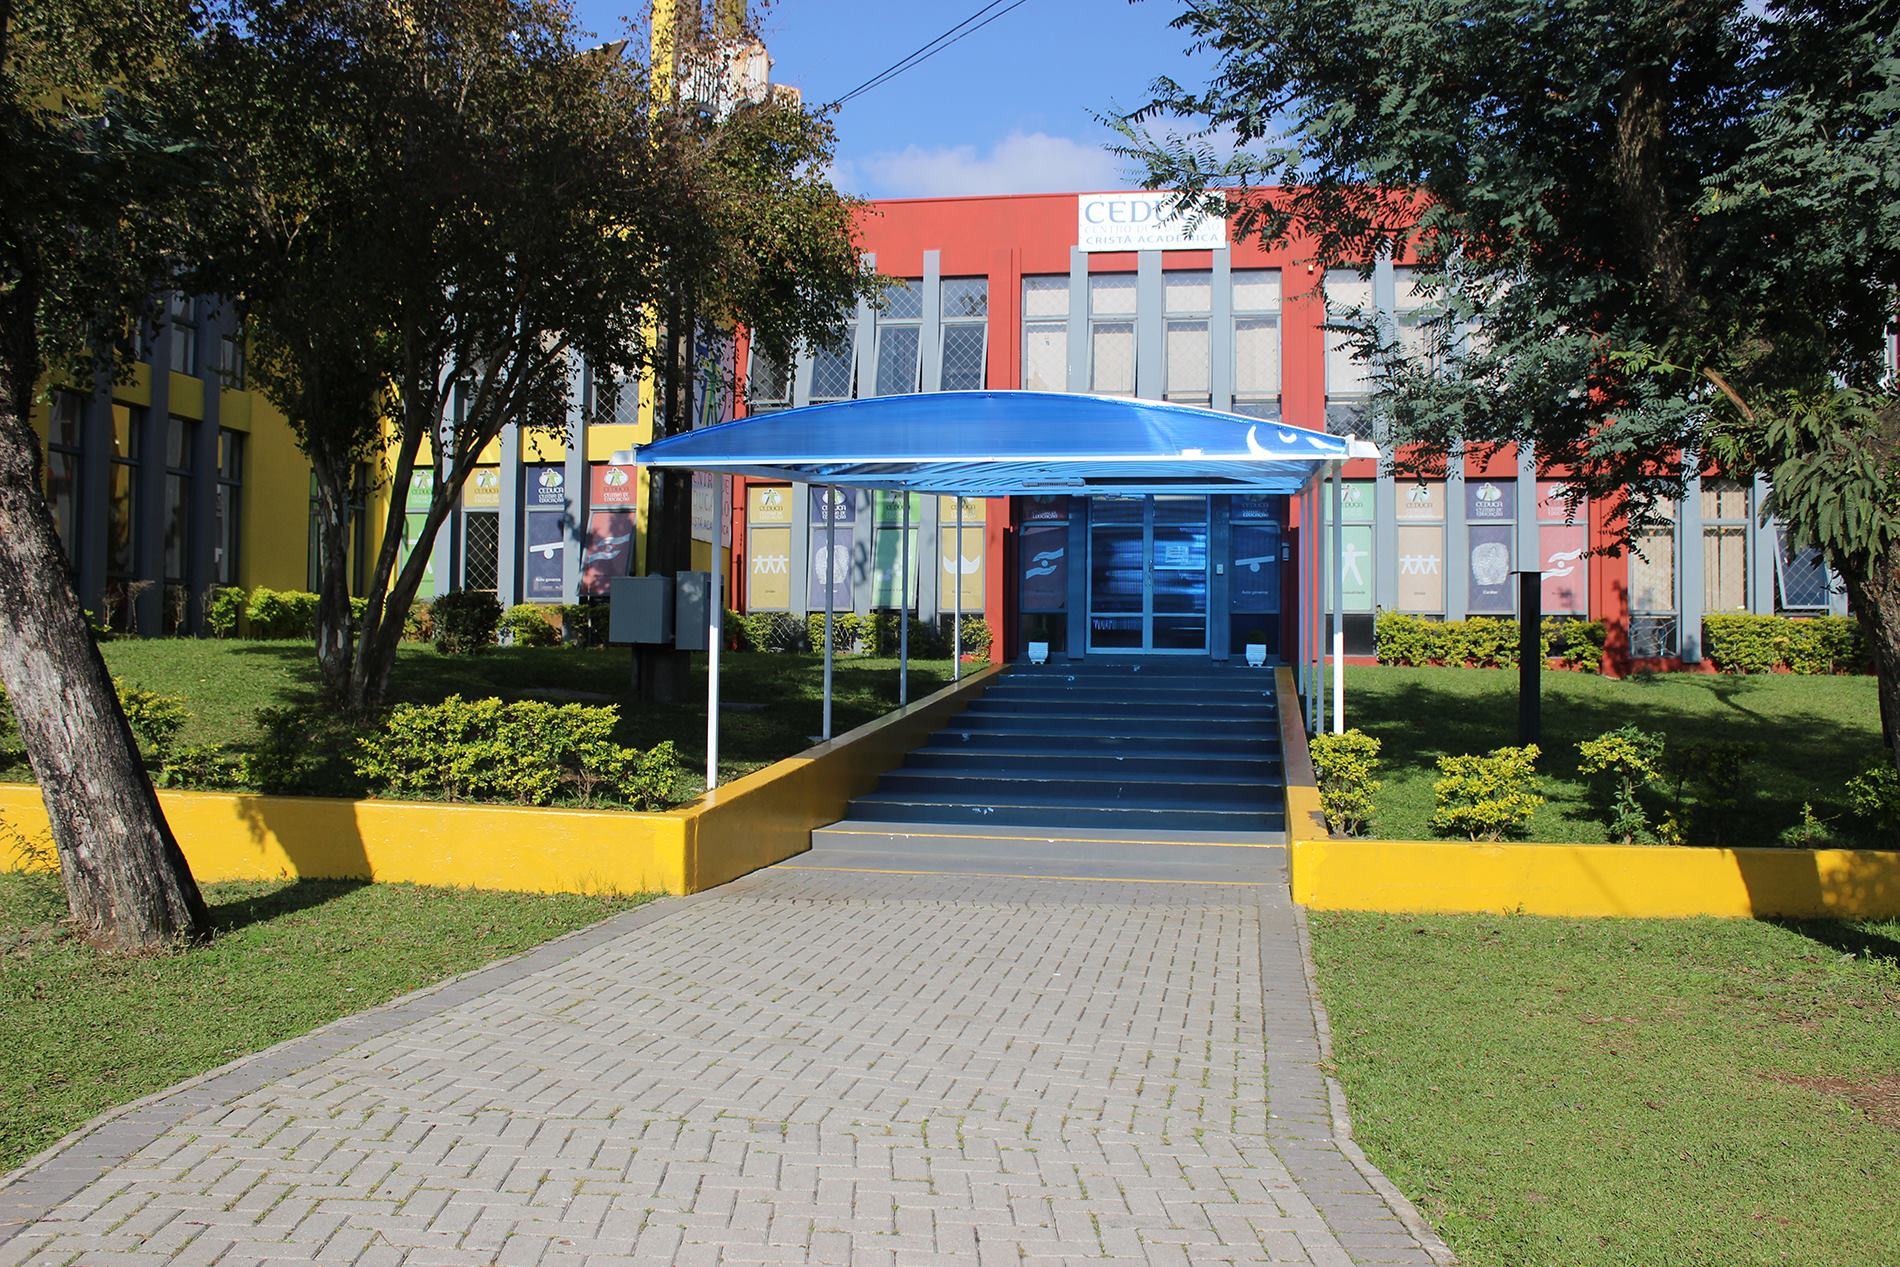 colégio ceduca